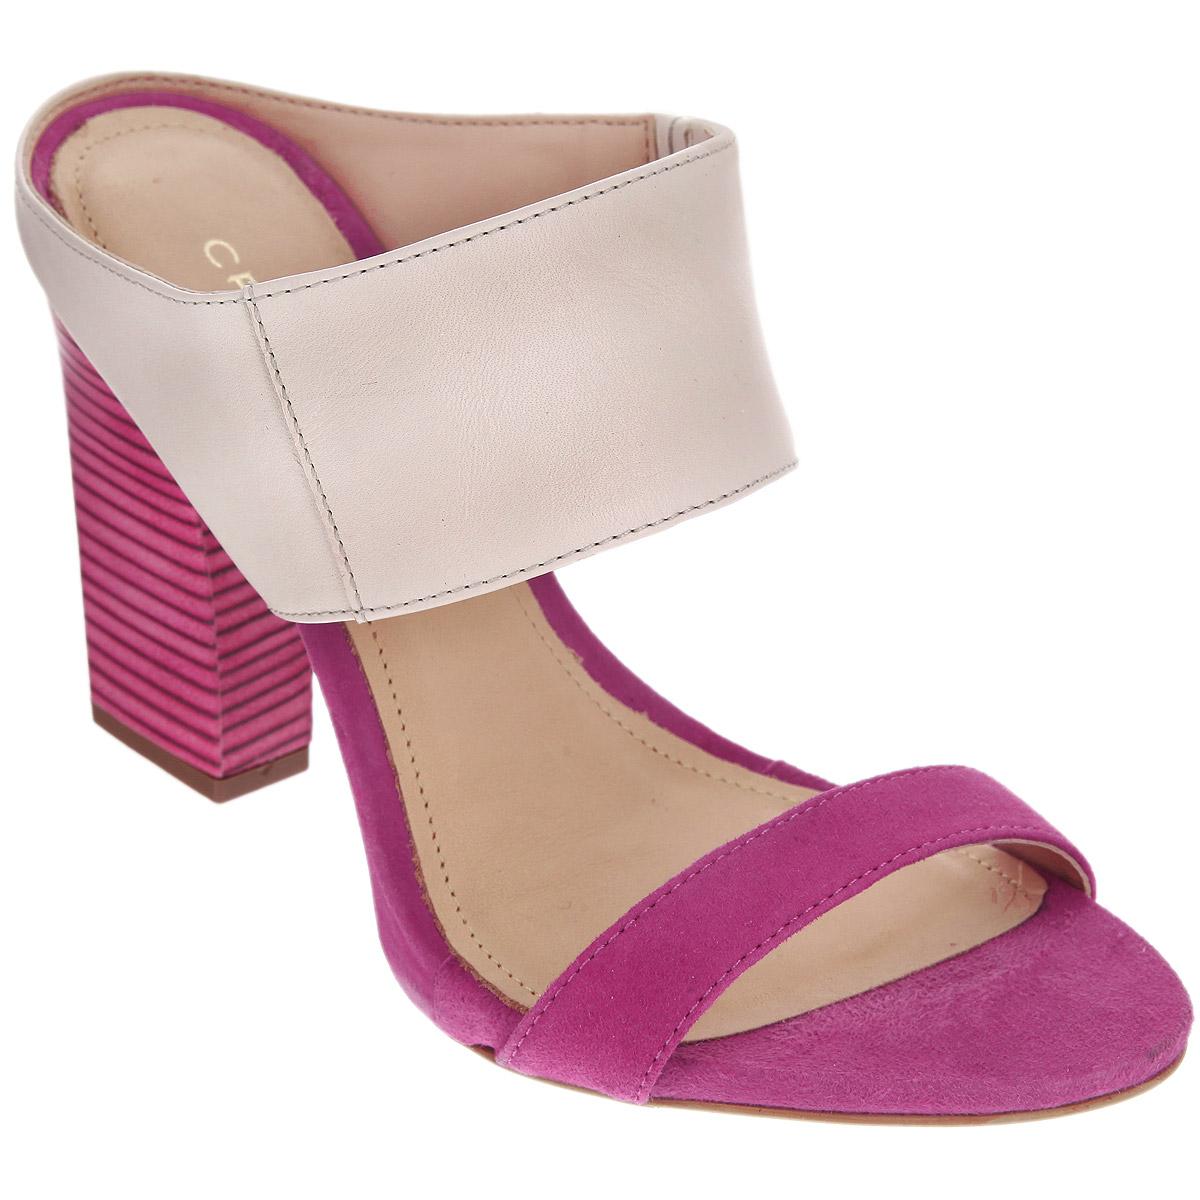 Сабо женские. 152194152194Стильные сабо от Cristofoli - незаменимая вещь в гардеробе каждой женщины. Модель выполнена из высококачественной натуральной кожи. Сбоку фиксирующий ремешок дополнен резинкой, обеспечивающей идеальную посадку обуви на ноге. Мягкая стелька из натуральной кожи обеспечивает комфорт при ходьбе. Ультравысокий каблук компенсирован платформой. Подошва - с противоскользящим рифлением. Изысканные сабо прекрасно дополнят ваш женственный образ.